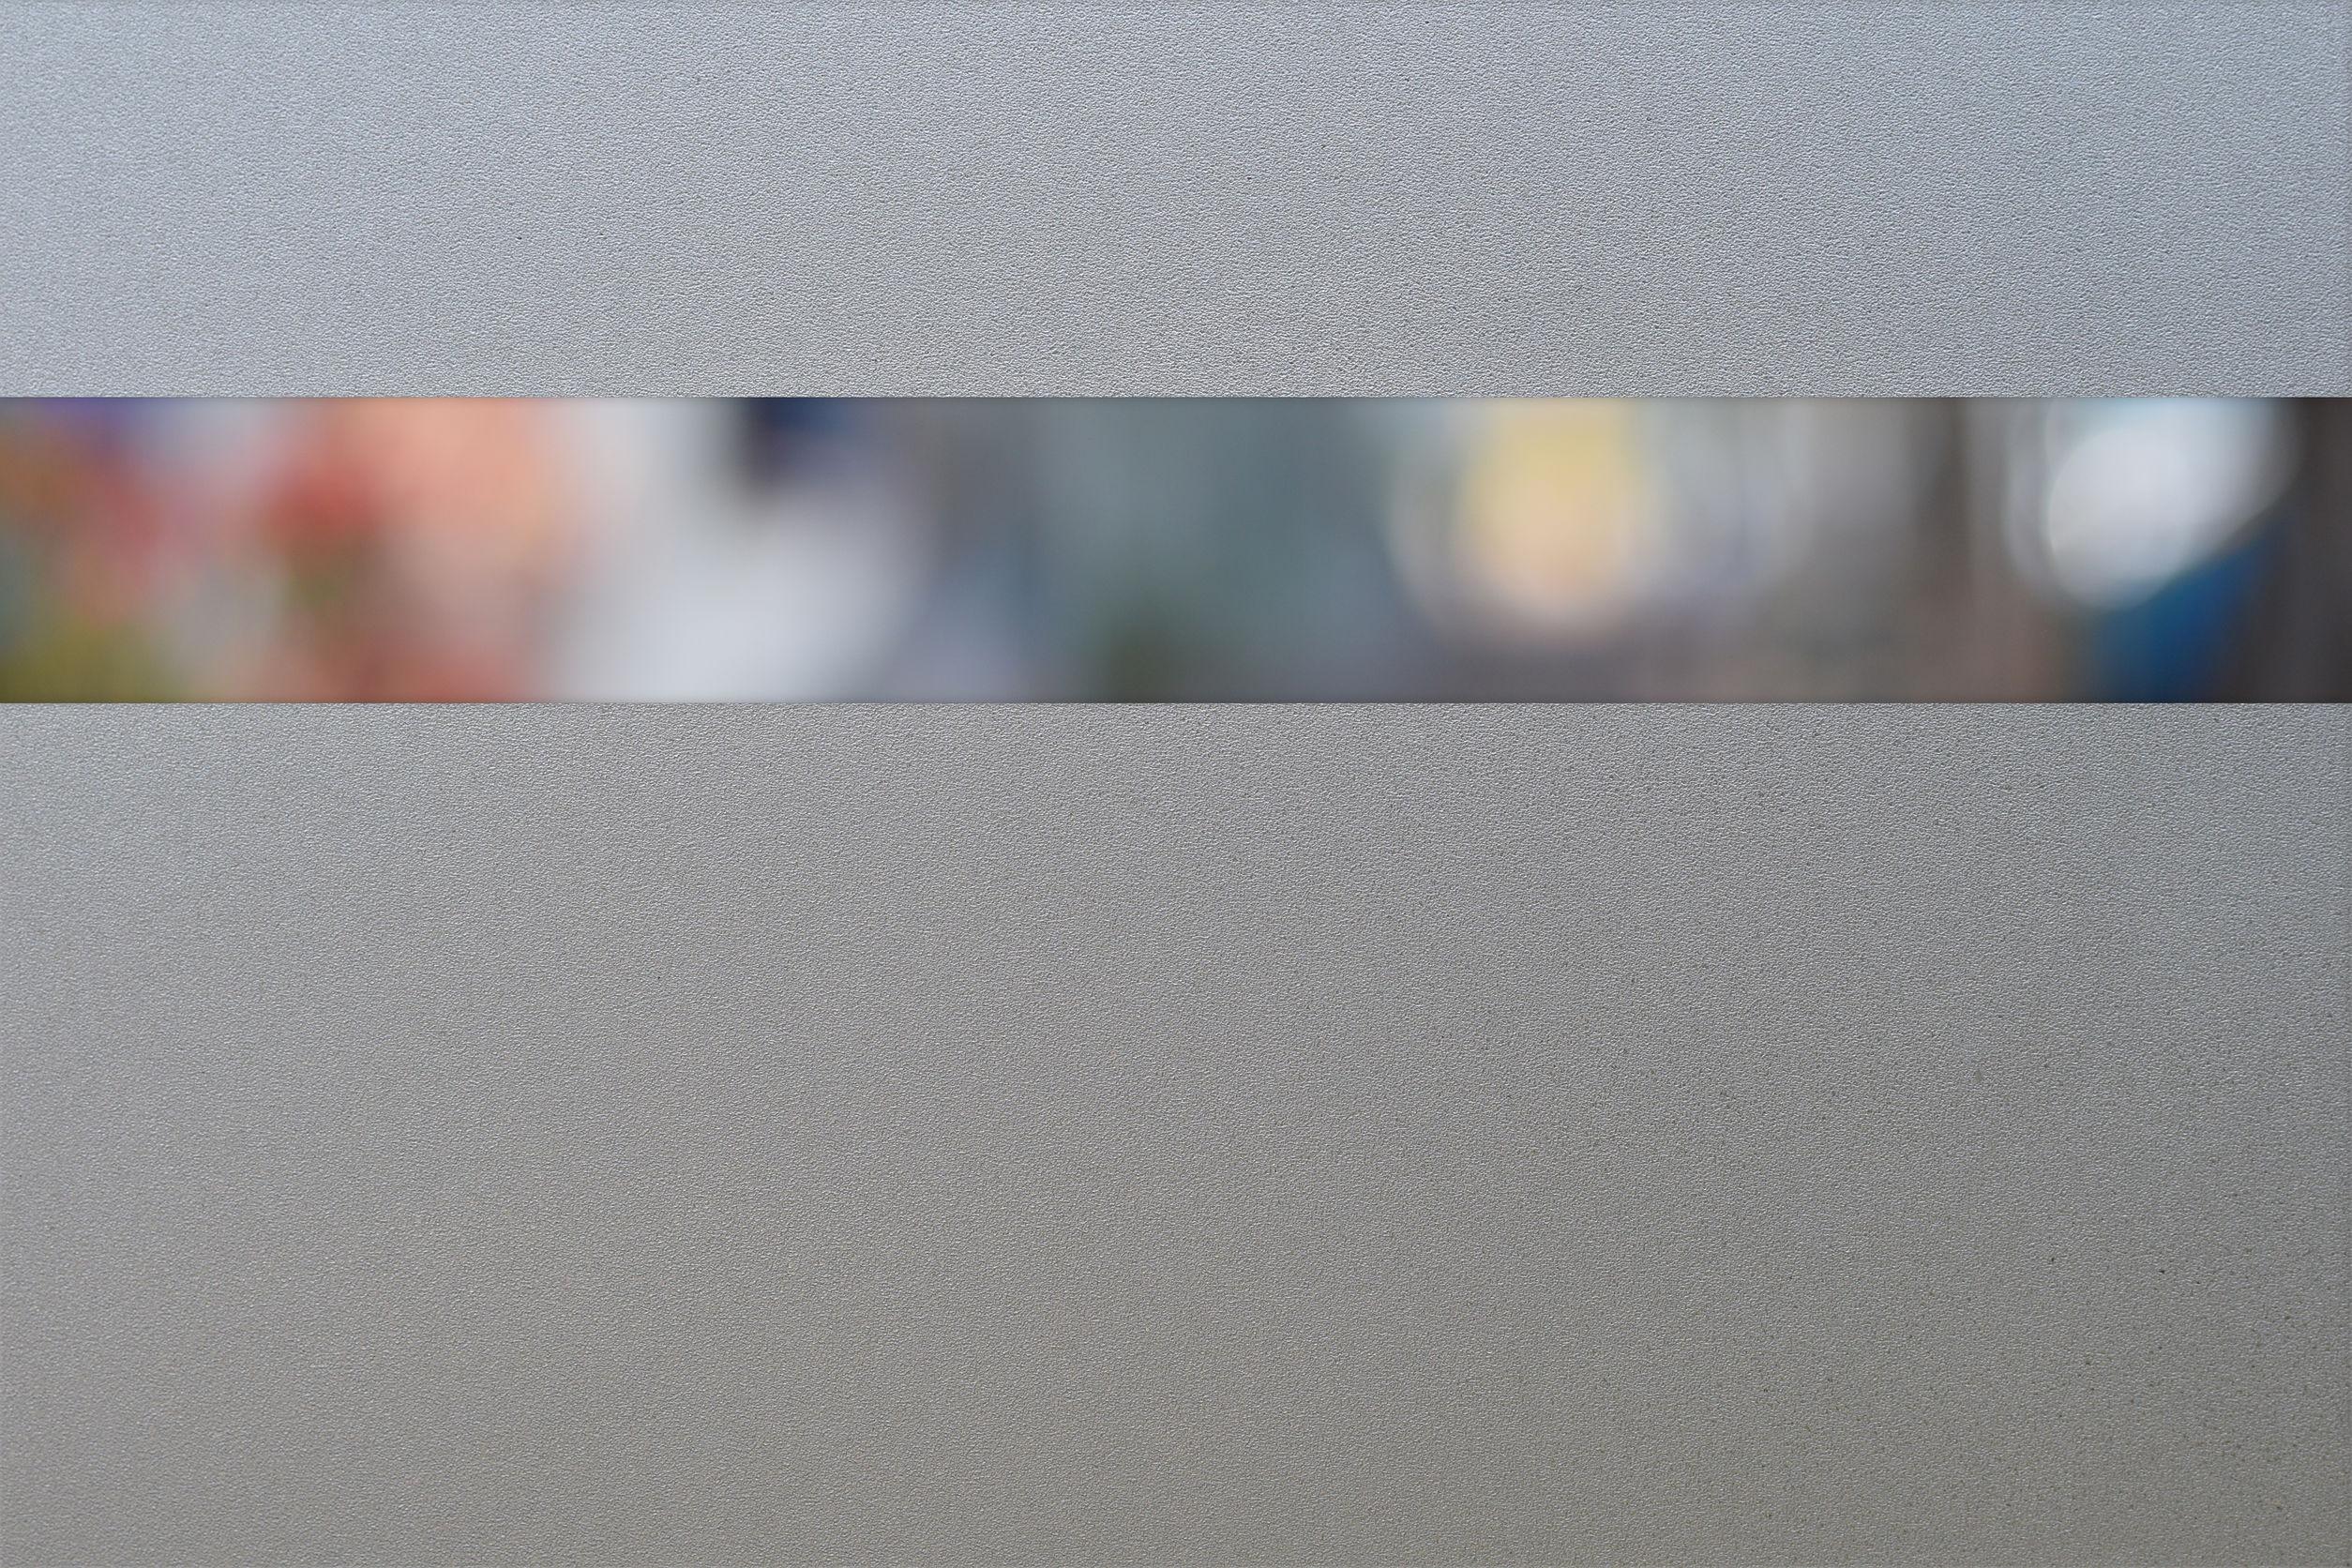 Full Size of Fensterfolie Blickdicht Milchglasfolie Test Empfehlungen 05 20 Einrichtungsradar Wohnzimmer Fensterfolie Blickdicht